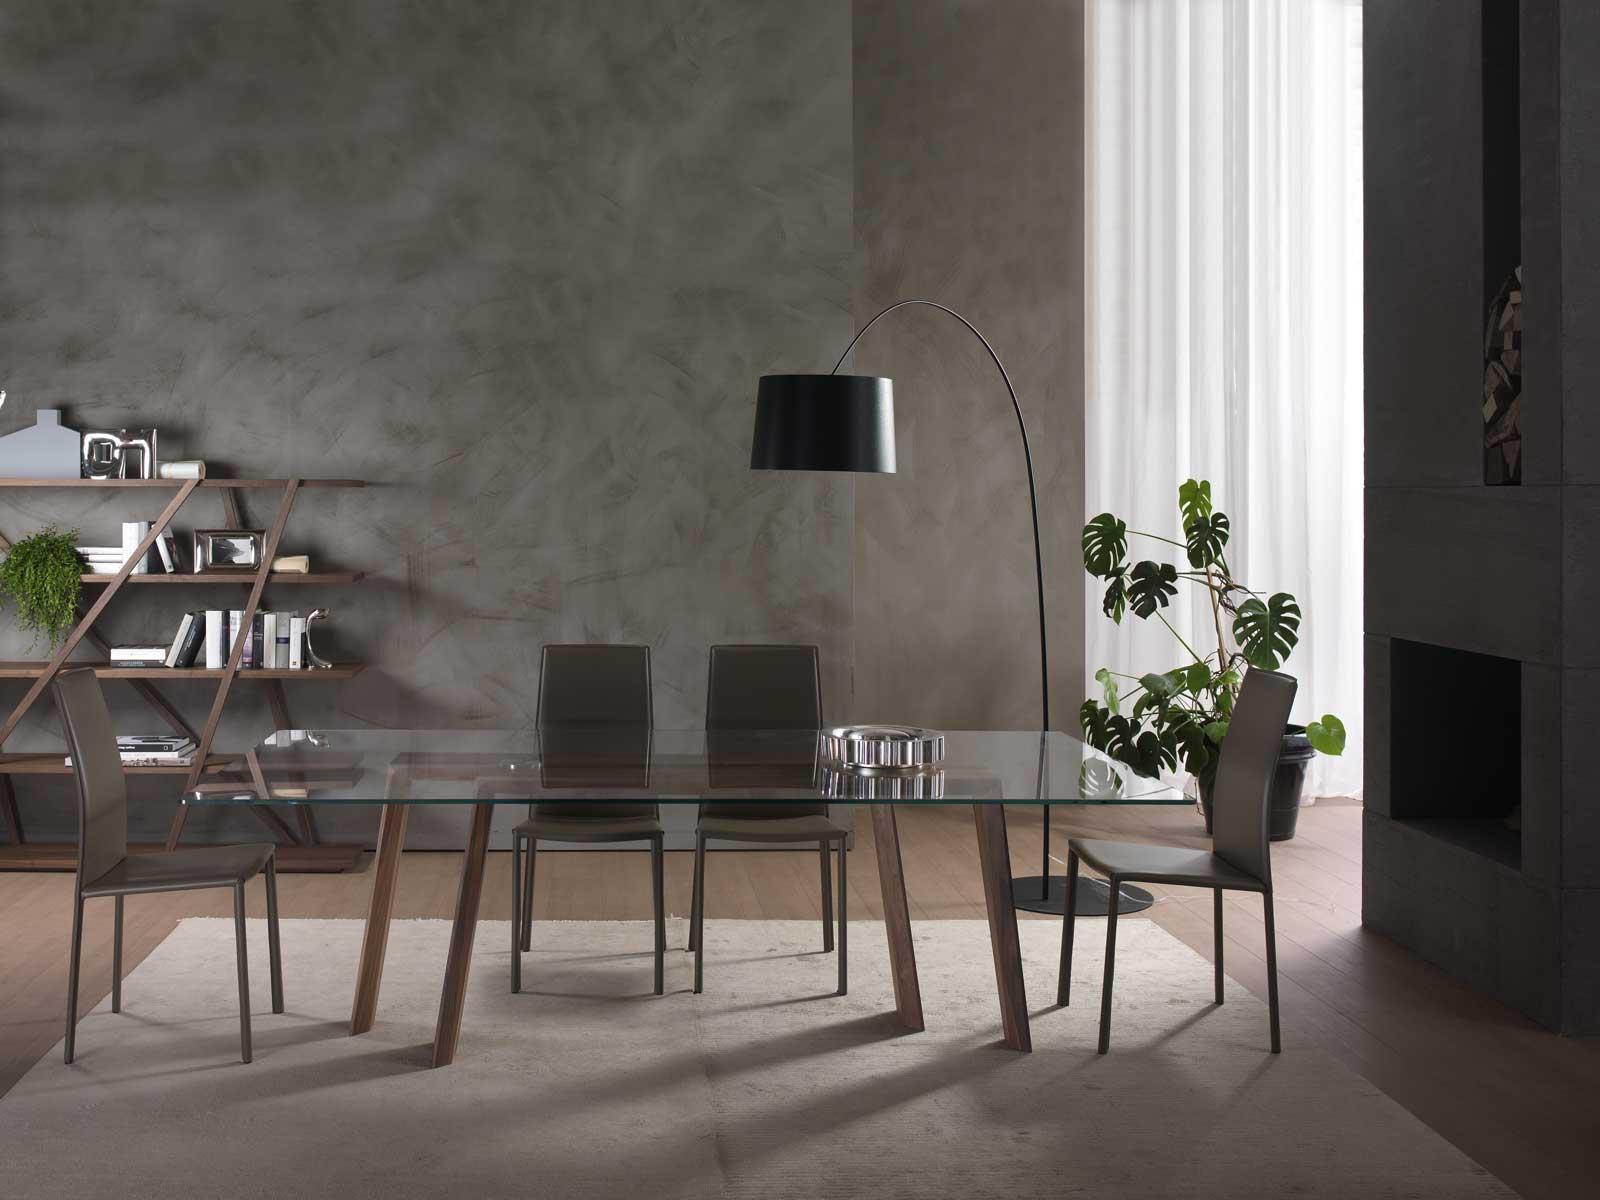 Tavolo da pranzo in massello di noce canaletto. Piano rettangolare in vetro. Vendita online di arredamento lussuoso made in Italy in consegna gratuita.